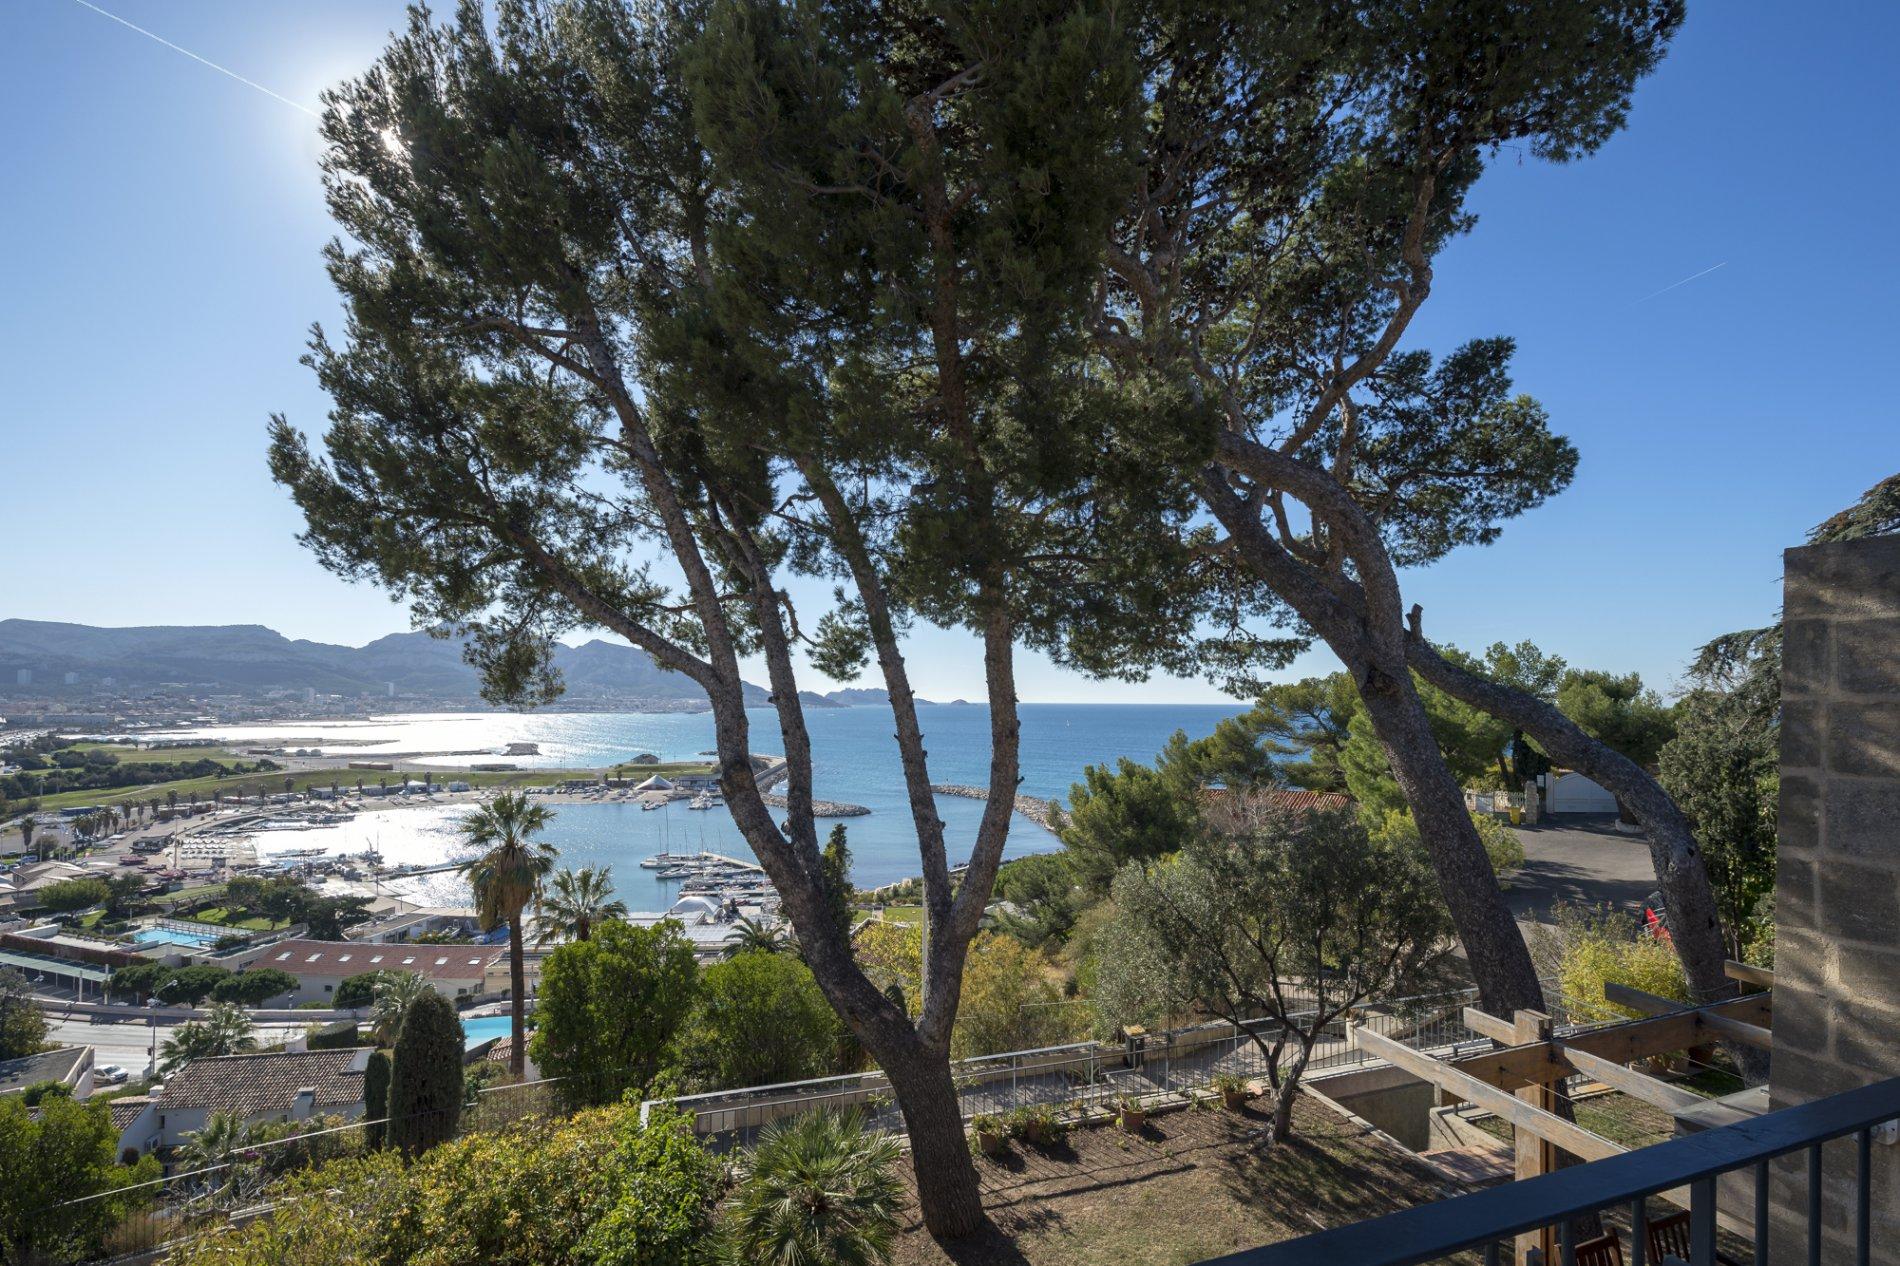 Achat immobilier prestige marseille 7 me 8 me maison appartement villa vendre - Residence avec piscine marseille ...